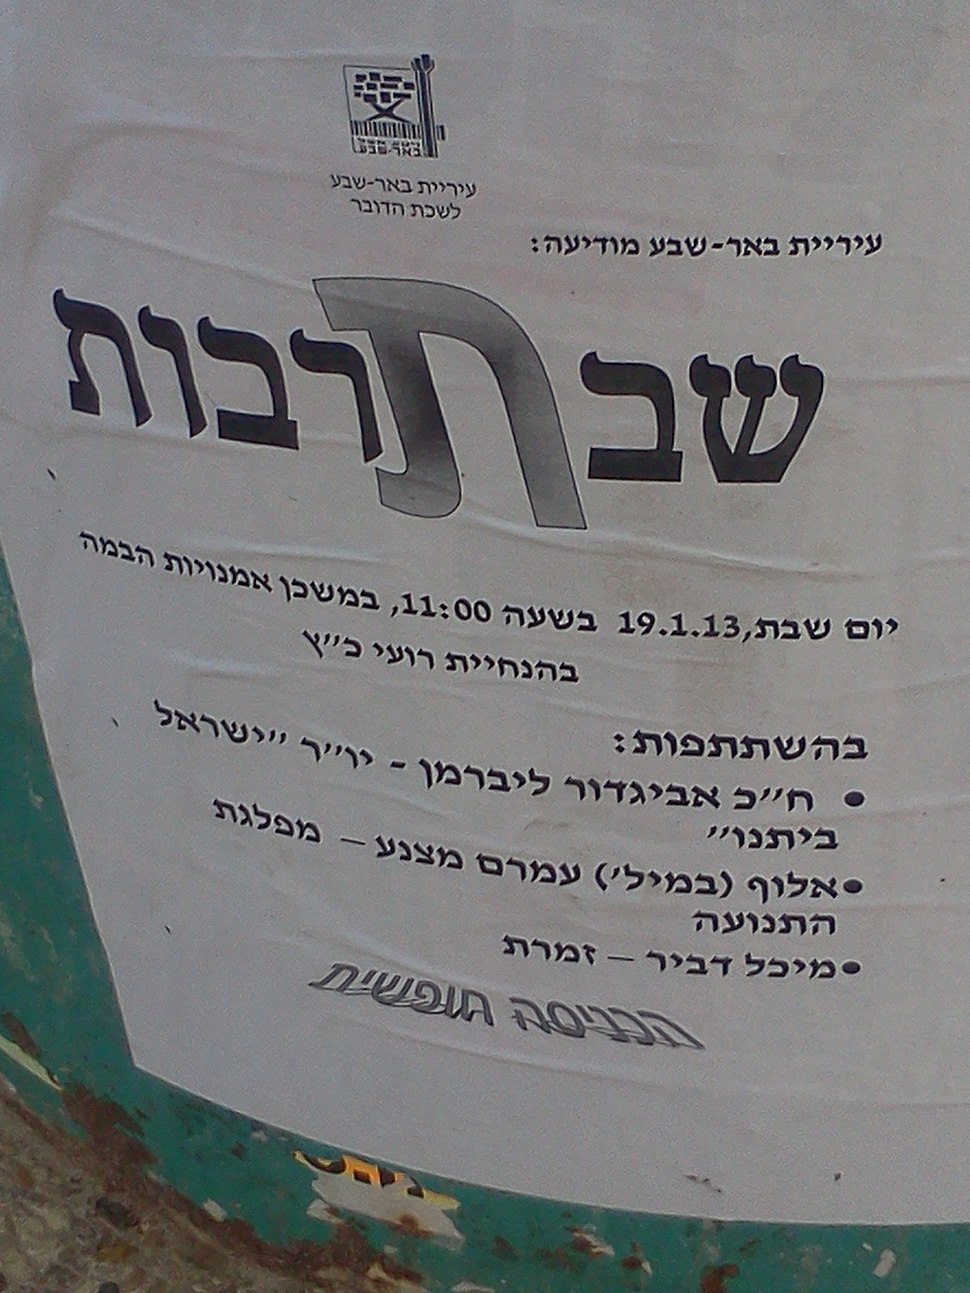 Shabatarbut in Beersheba